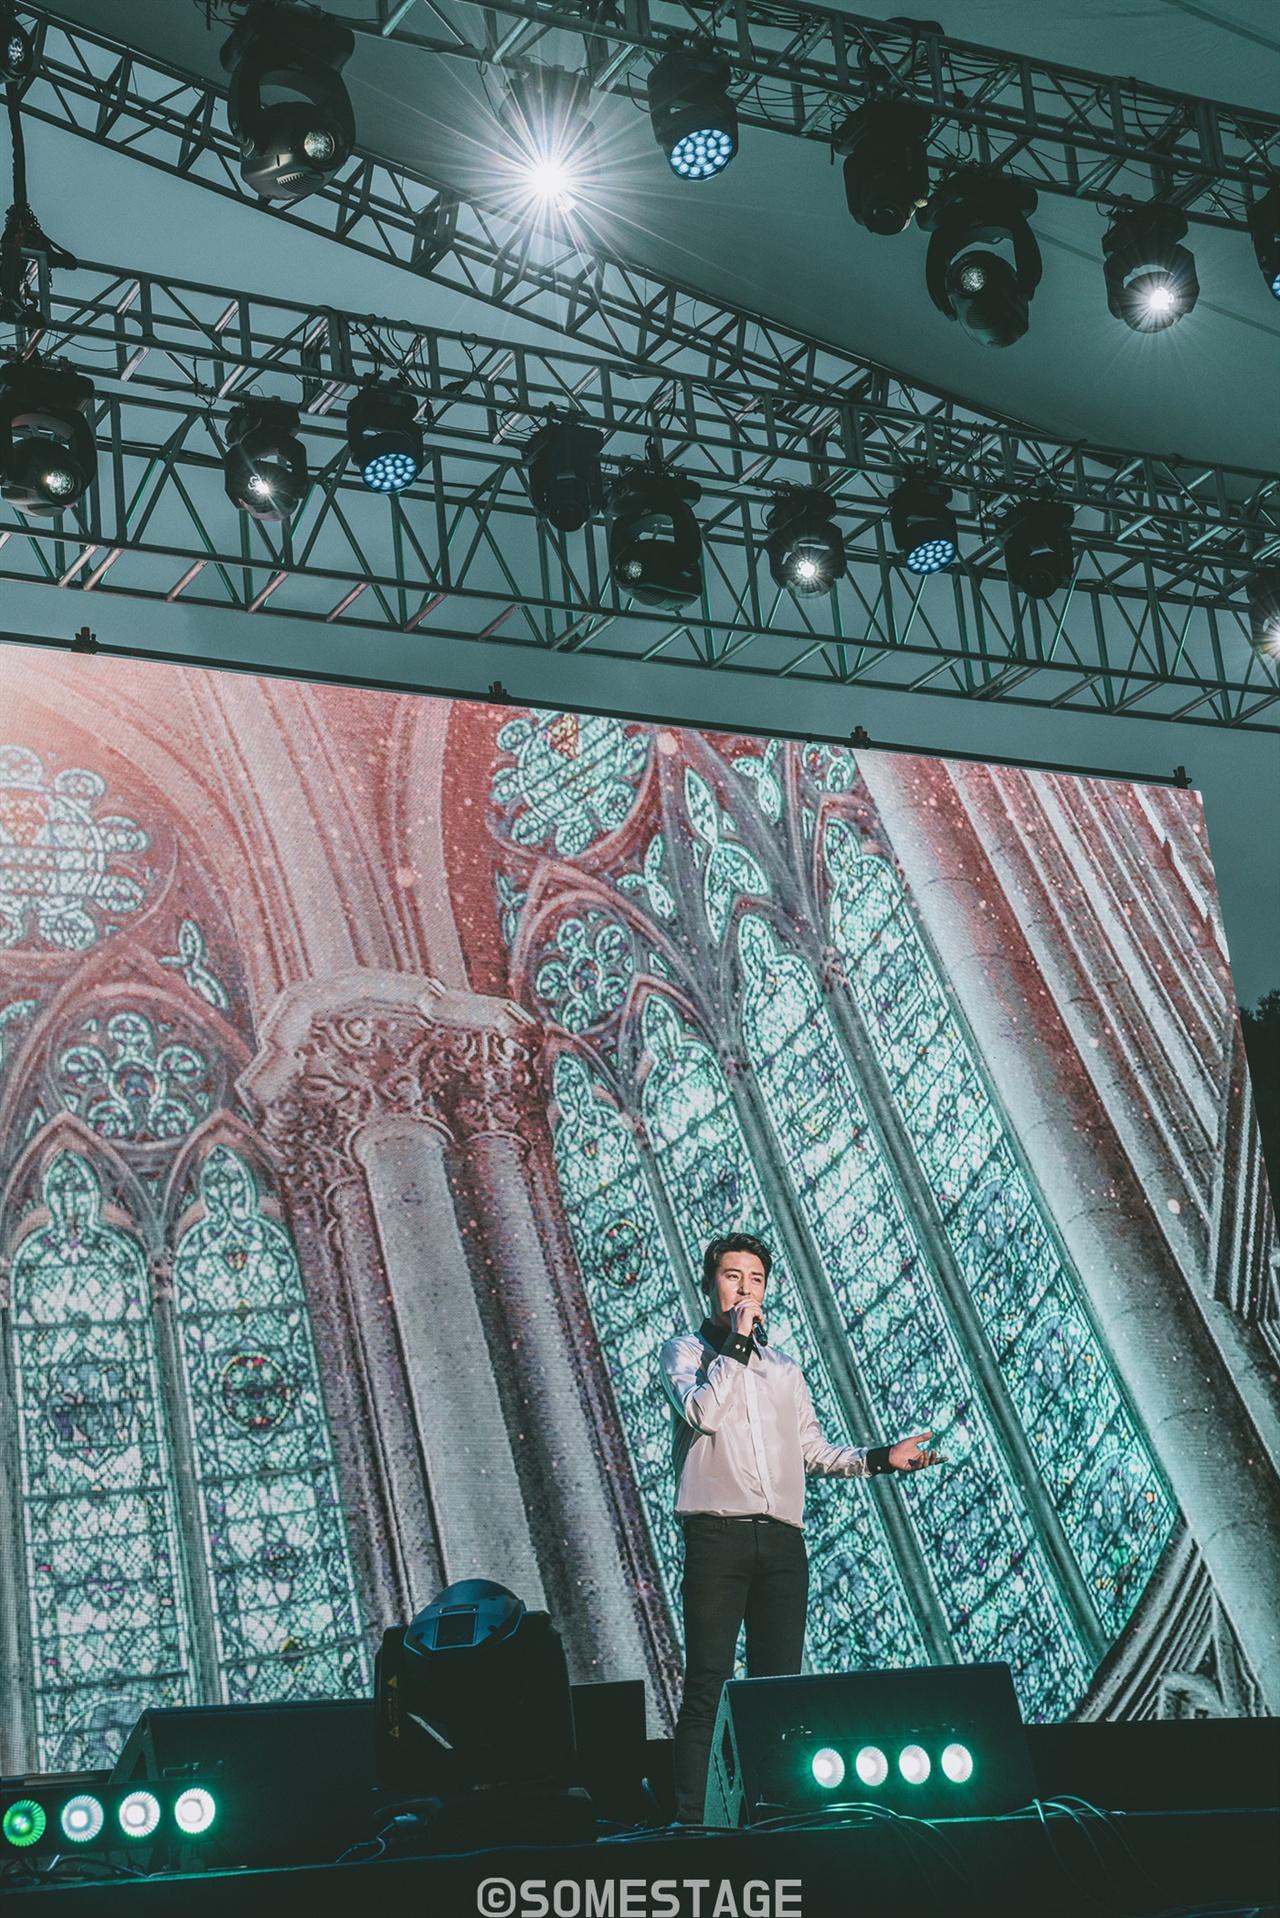 2018 현대차그룹 대학 연극·뮤지컬 페스티벌 폐막식에서 배우 김준현이 뮤지컬 <노트르담 드 파리>의 곡 '대성당의 시대'를 선보이고 있다.